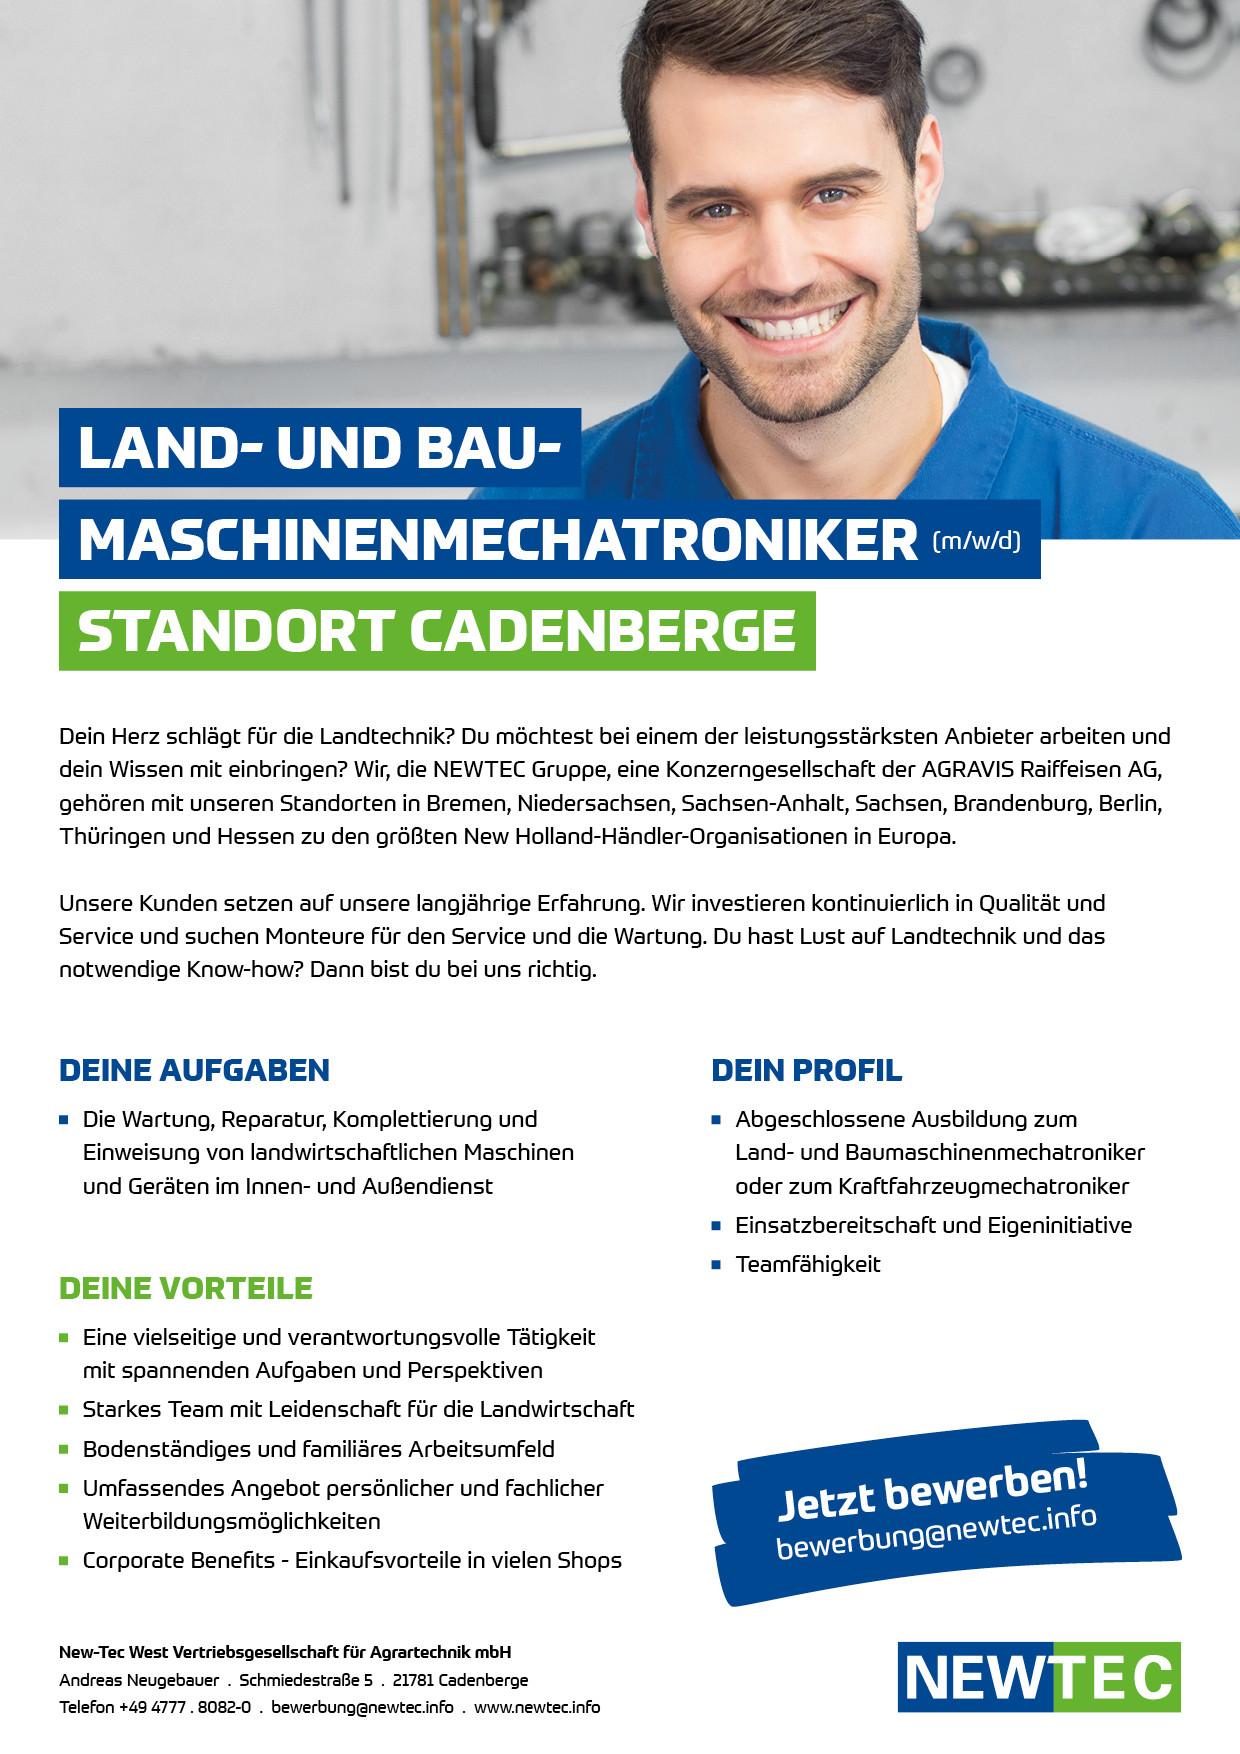 SCREEN_TE-NTHOL-2021-29416_Personalanzeige_Land-_und_Baumaschinenmechatroniker_Cadenberge